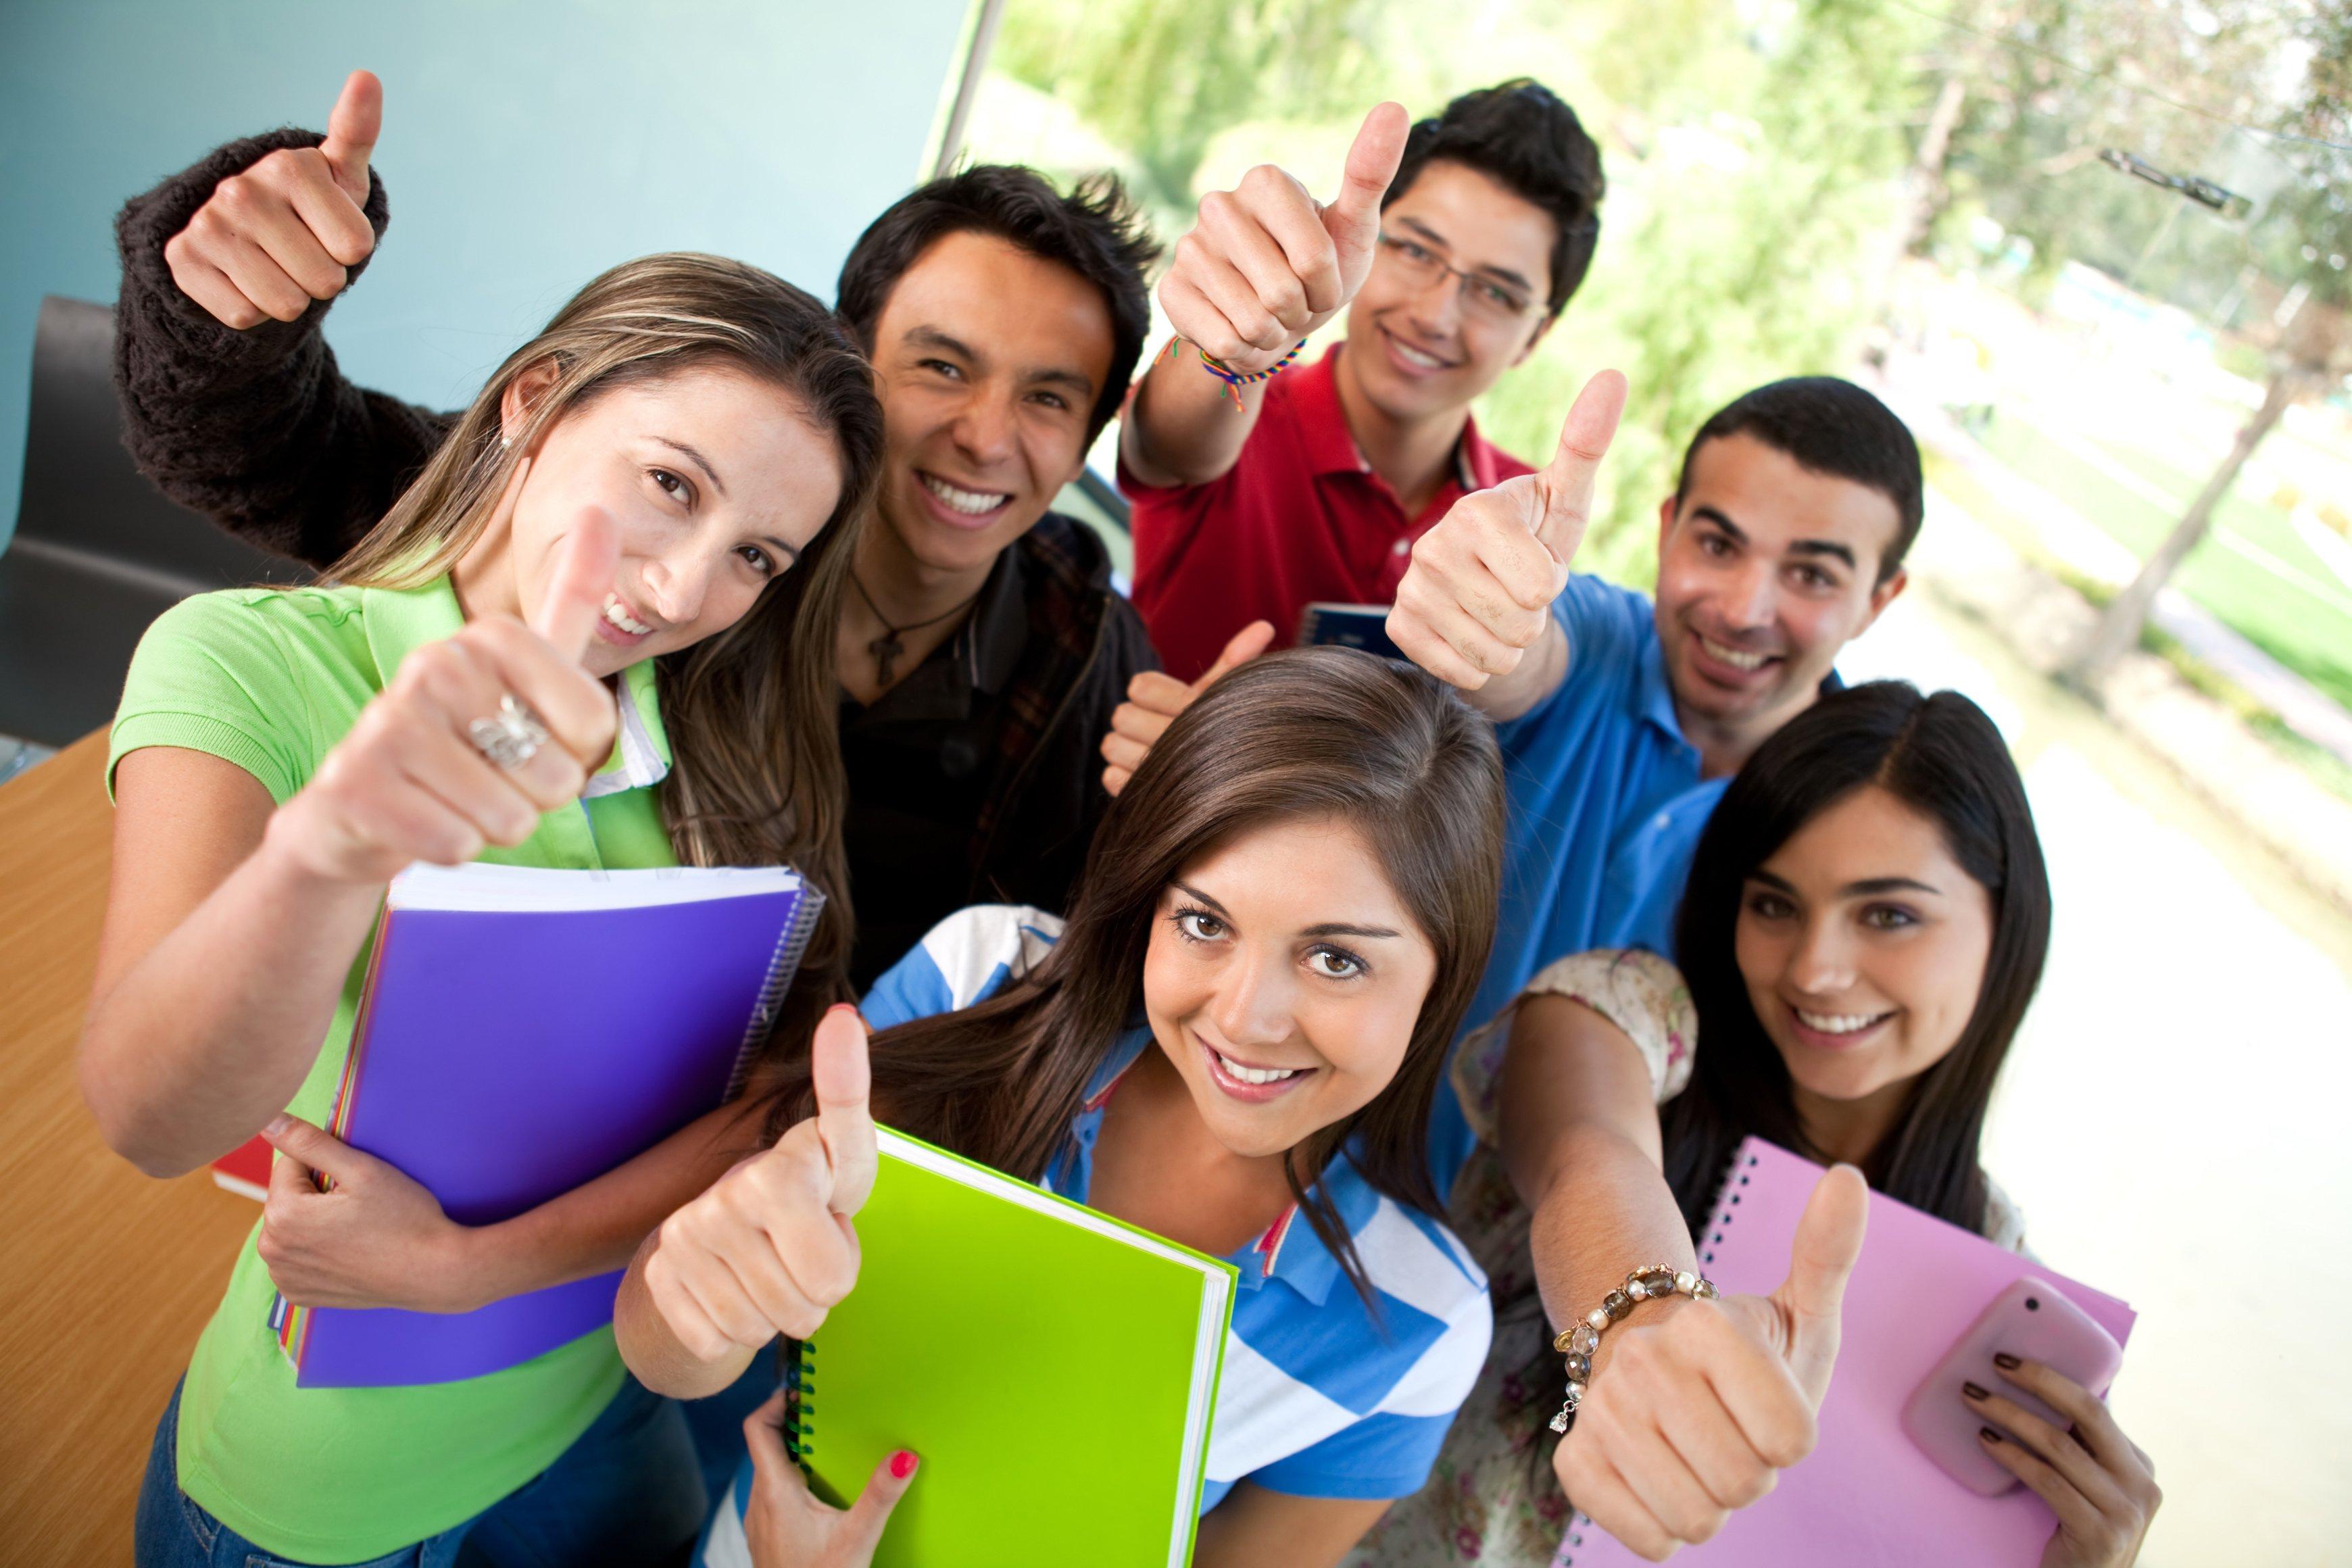 Студенты в отеле 7 фотография